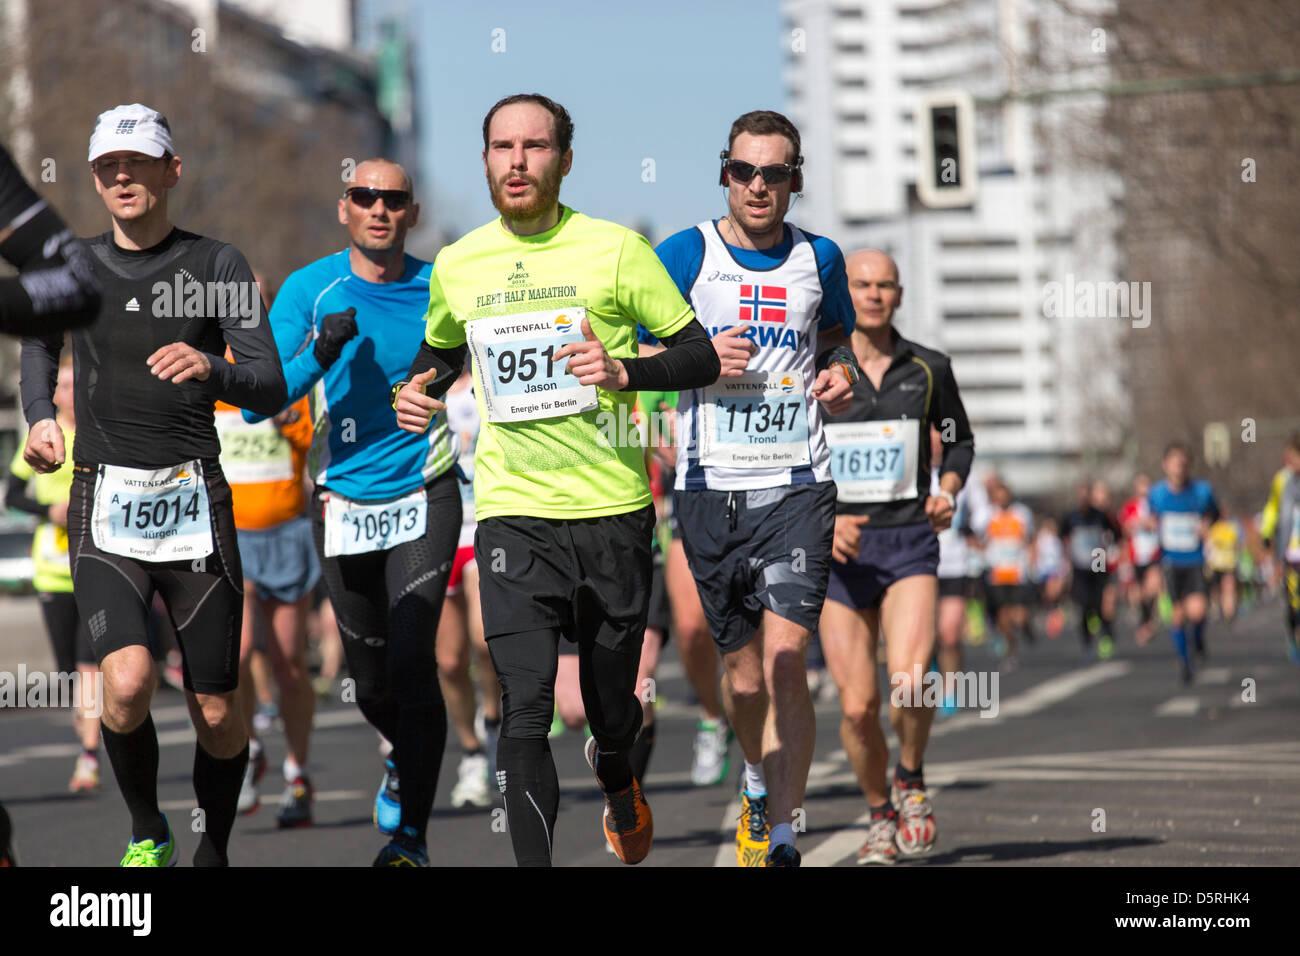 Berlino, Germania. 7 Aprile, 2013. I partecipanti della trentatreesima mezza maratona 2013 a Berlino, Germania. Immagini Stock